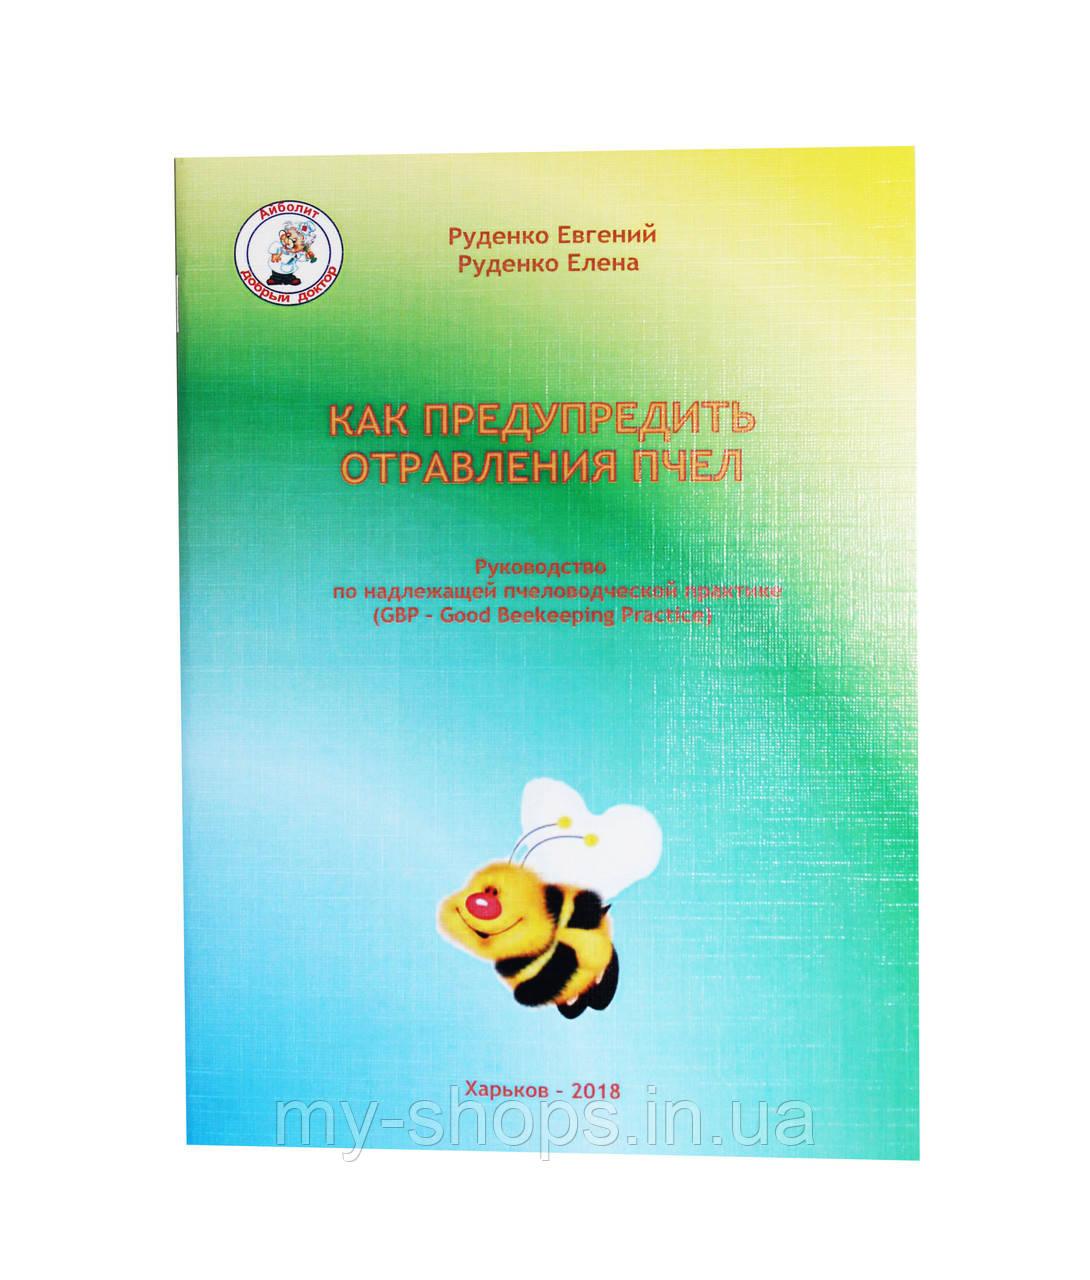 Книга «Как предупредить отравления пчел» Е. В. Руденко